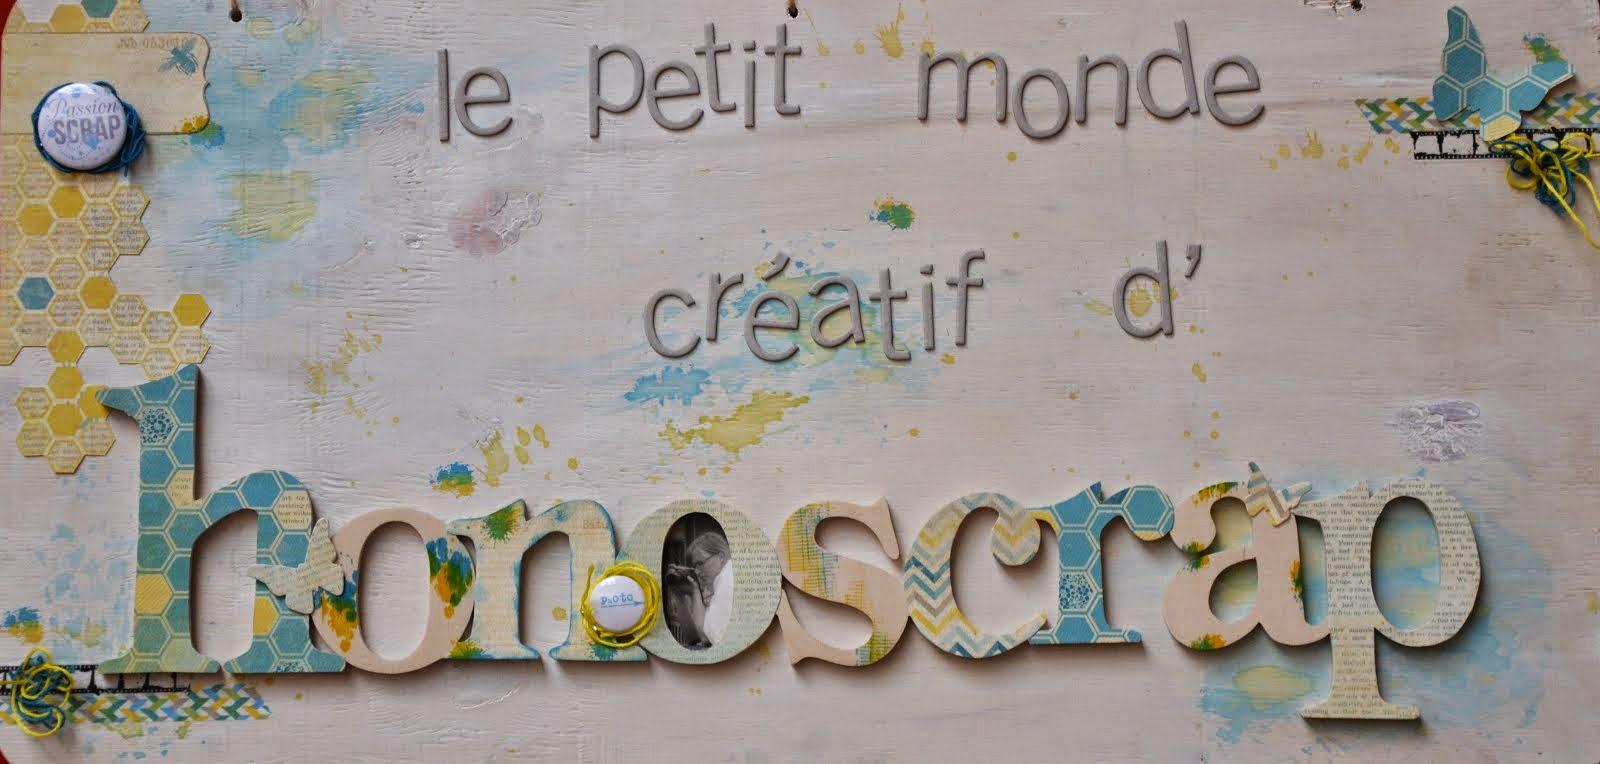 Le petit monde créatif de Honoscrap